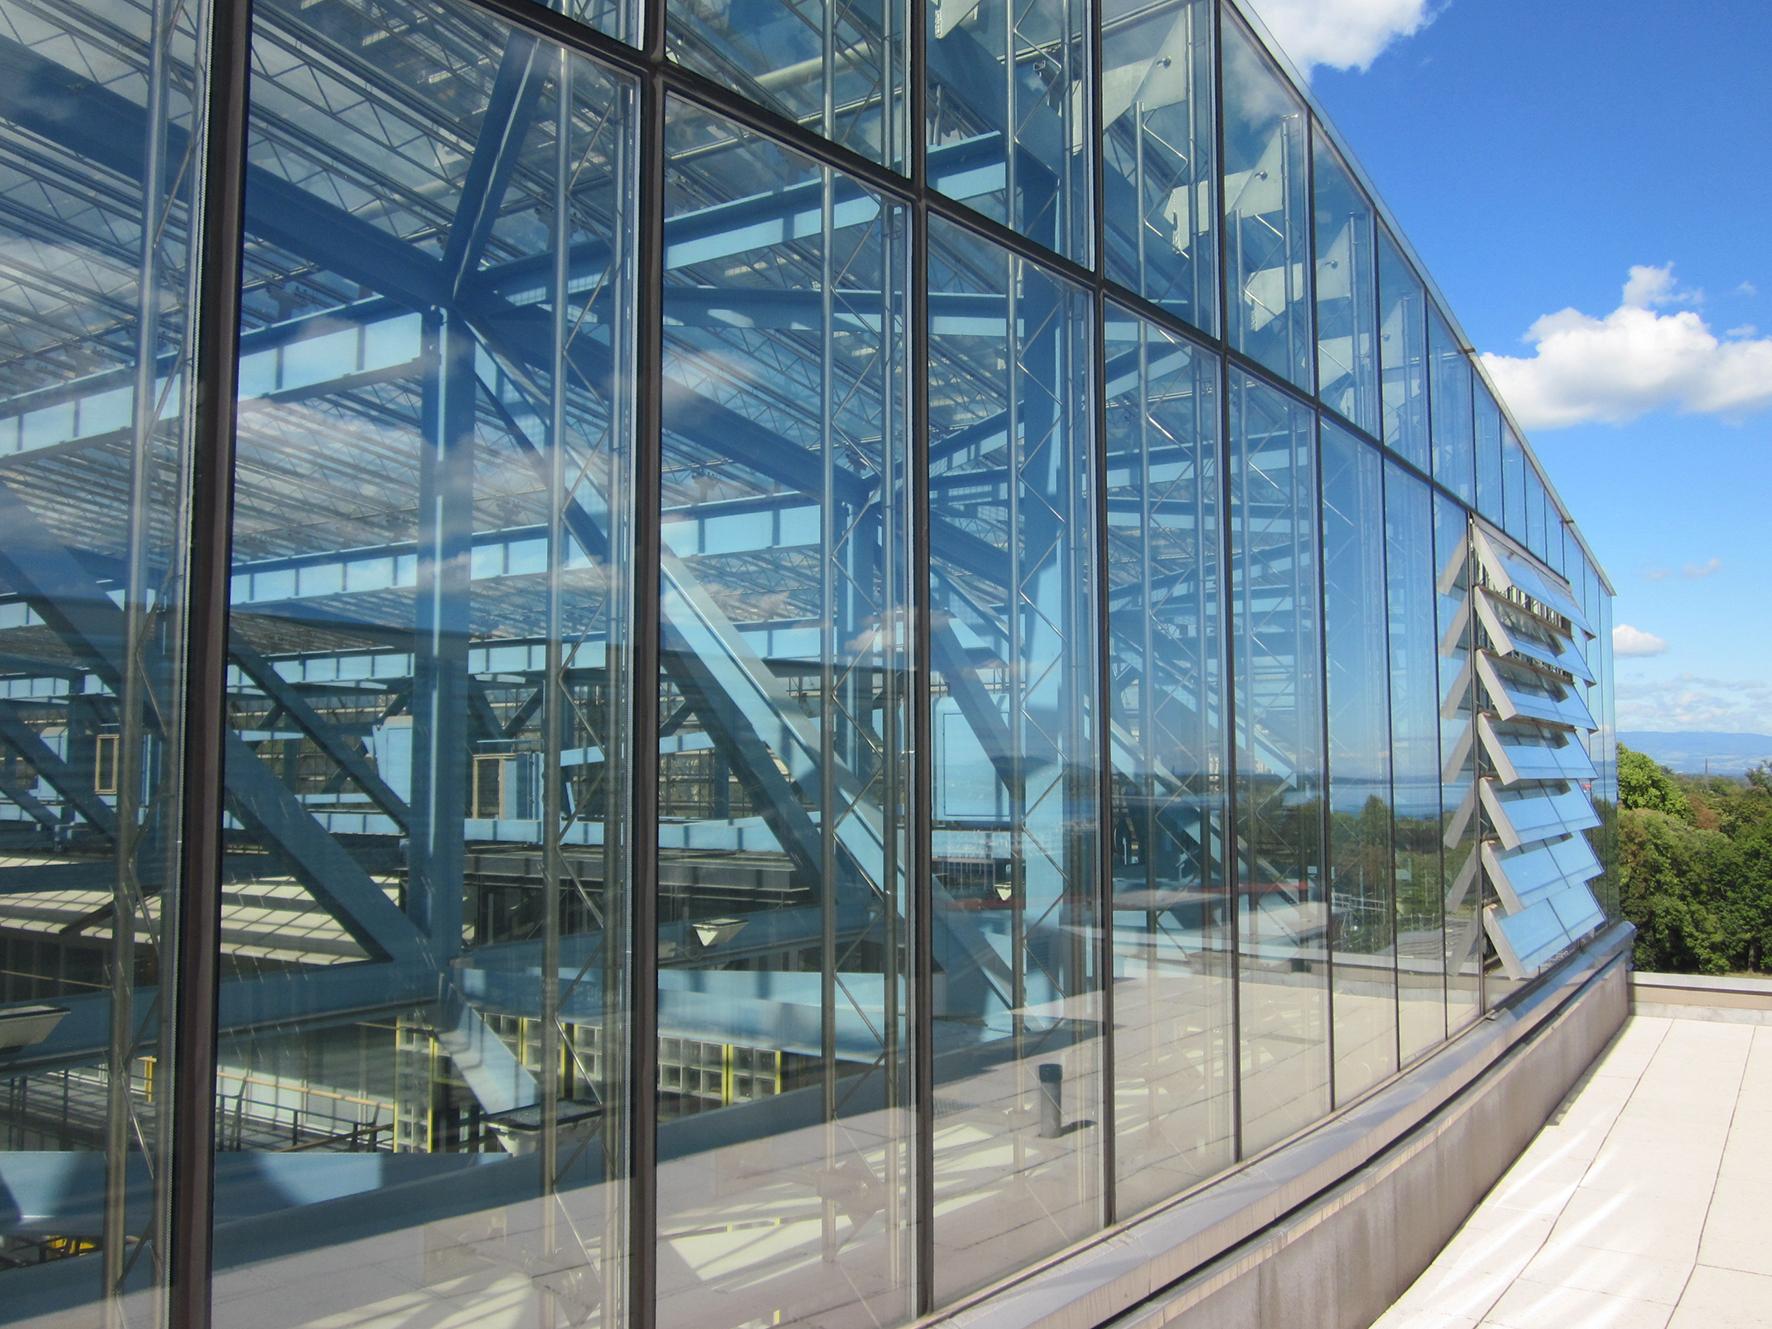 Optimisation du confort d'été dans les atriums UN-HCR, Genève